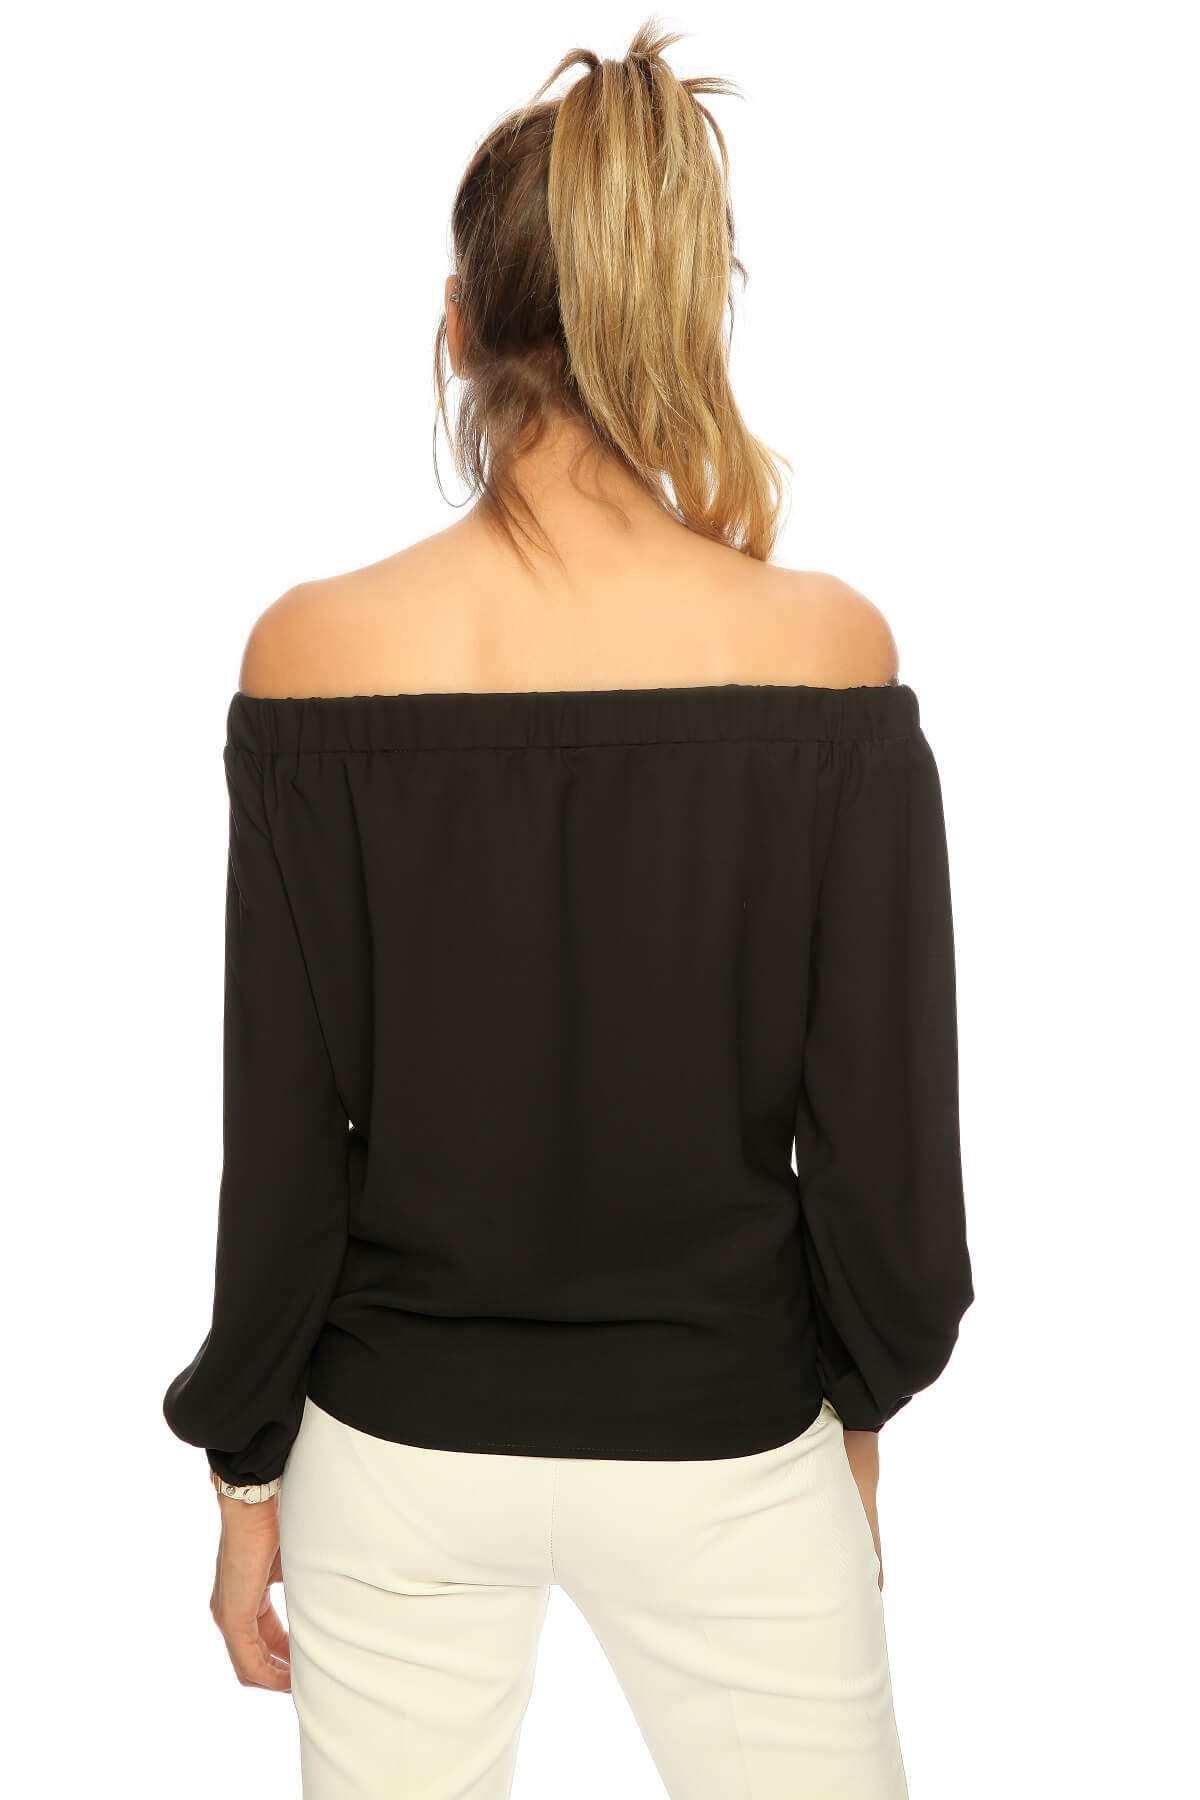 Önü Plise Altı Bağcıklı Straplez Bluz Siyah